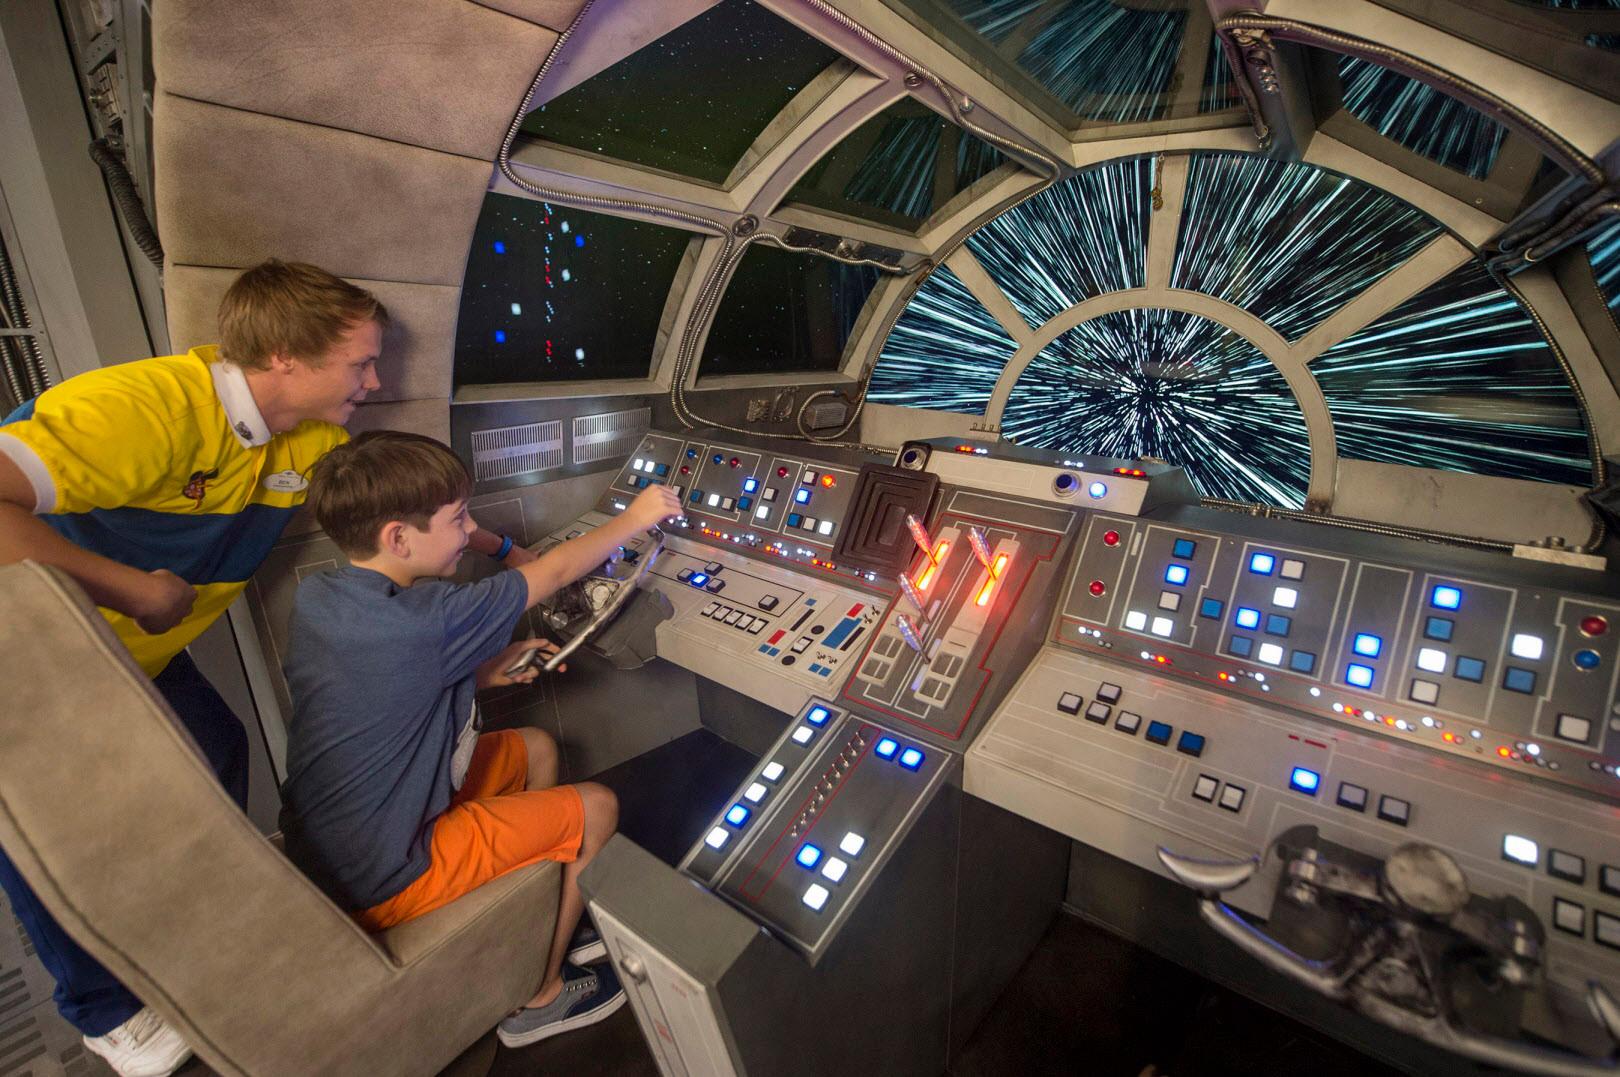 El Halcón Milenario hará las delicias de los fans de Star Wars que naveguen en los cruceros Disney. Foto Disney Cruise Line.